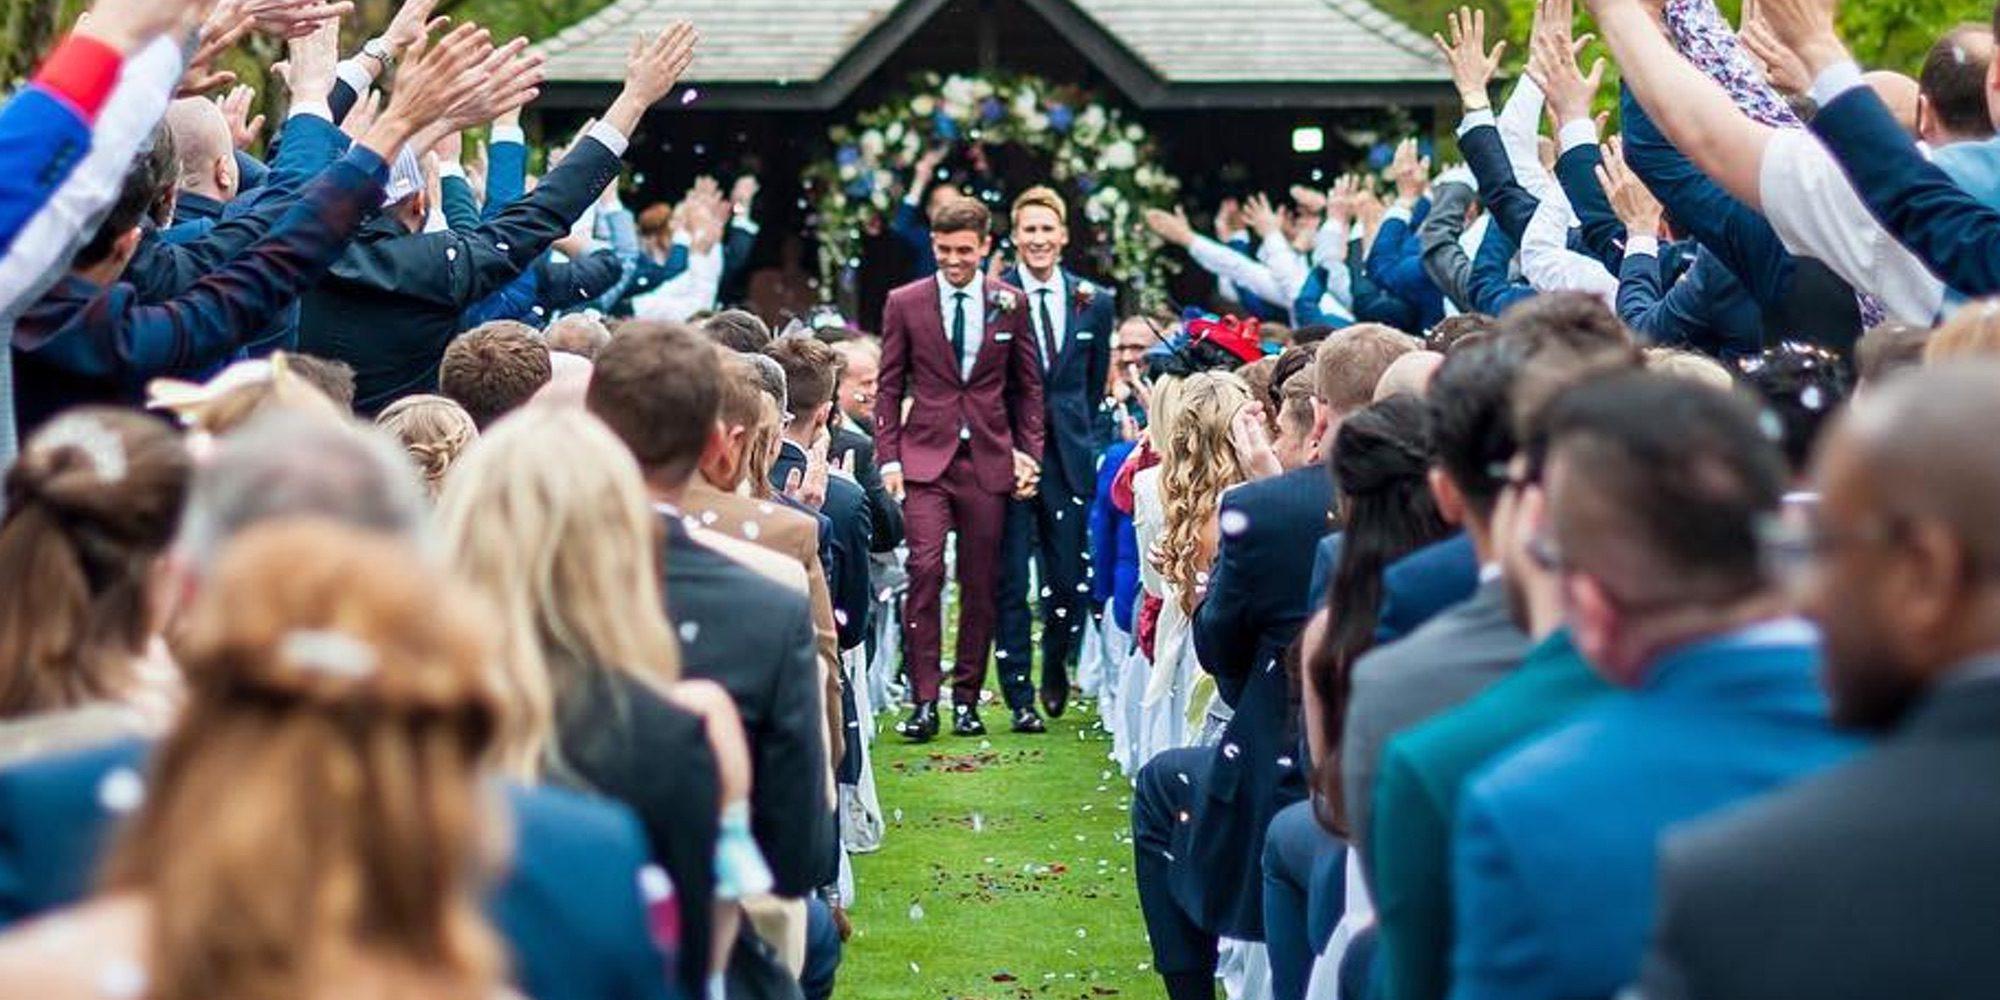 Así fue la boda de ensueño de Tom Daley y Dustin Lance Black en Inglaterra